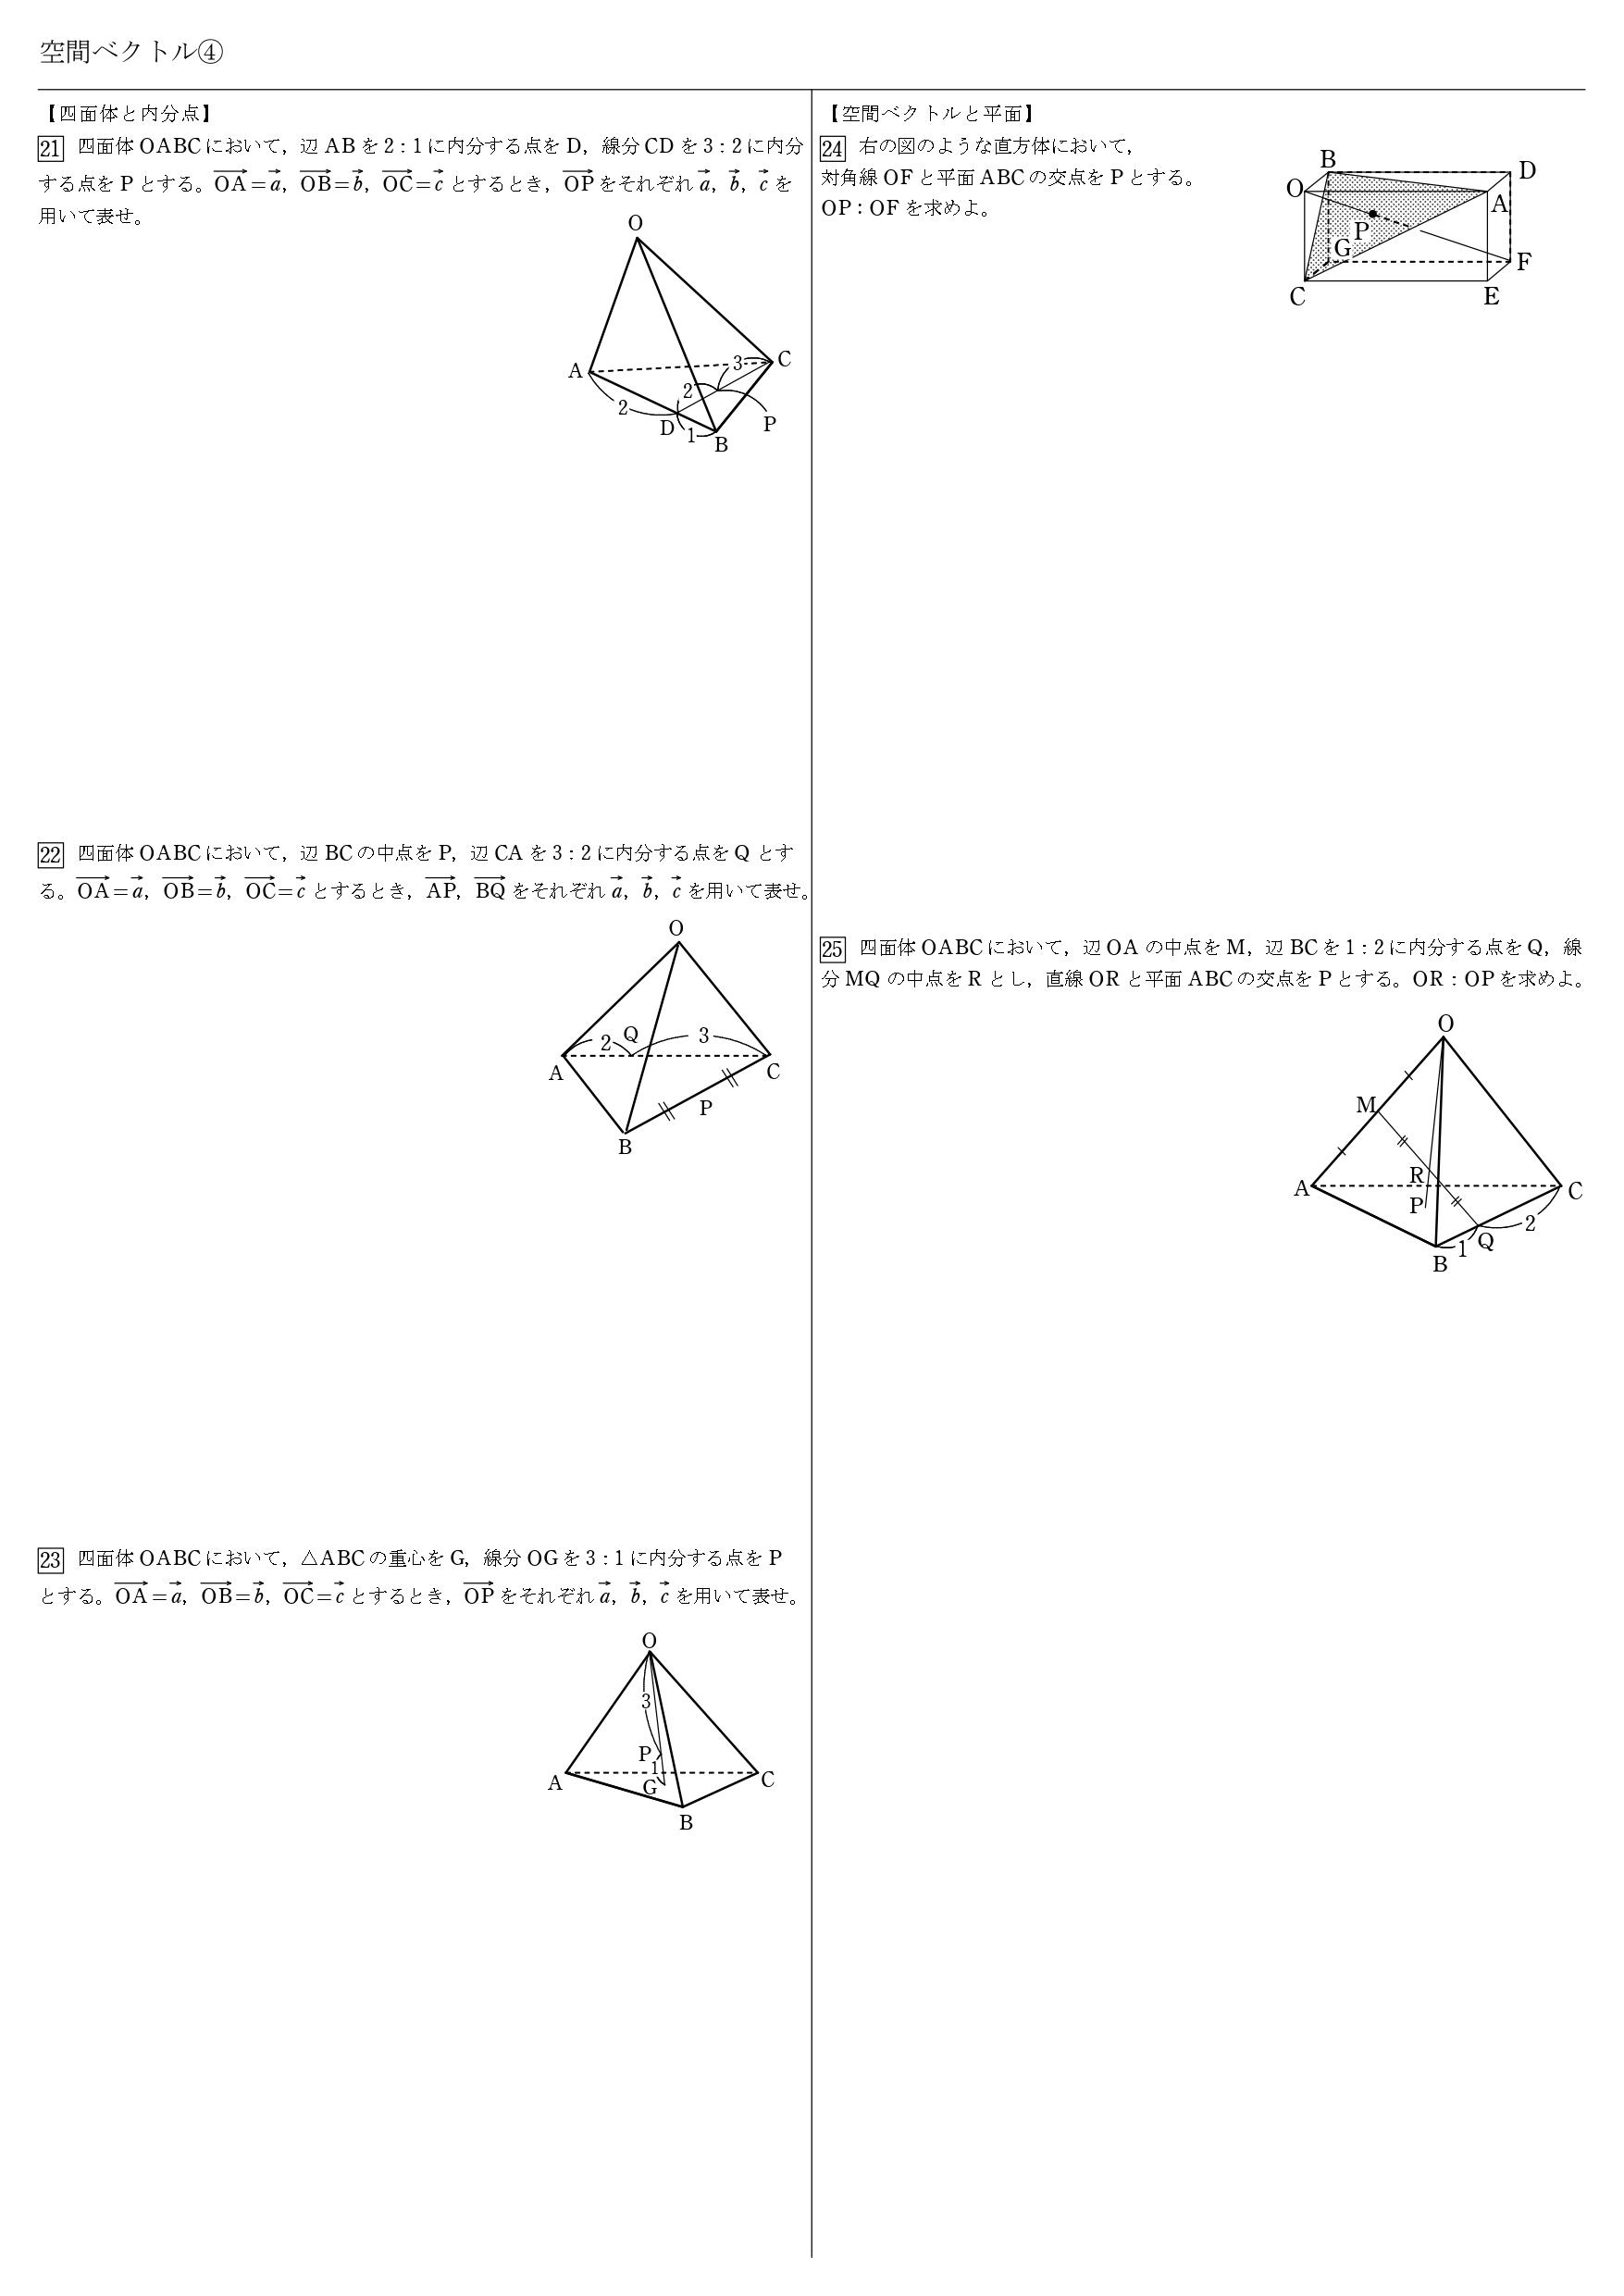 空間ベクトル 問題 一覧